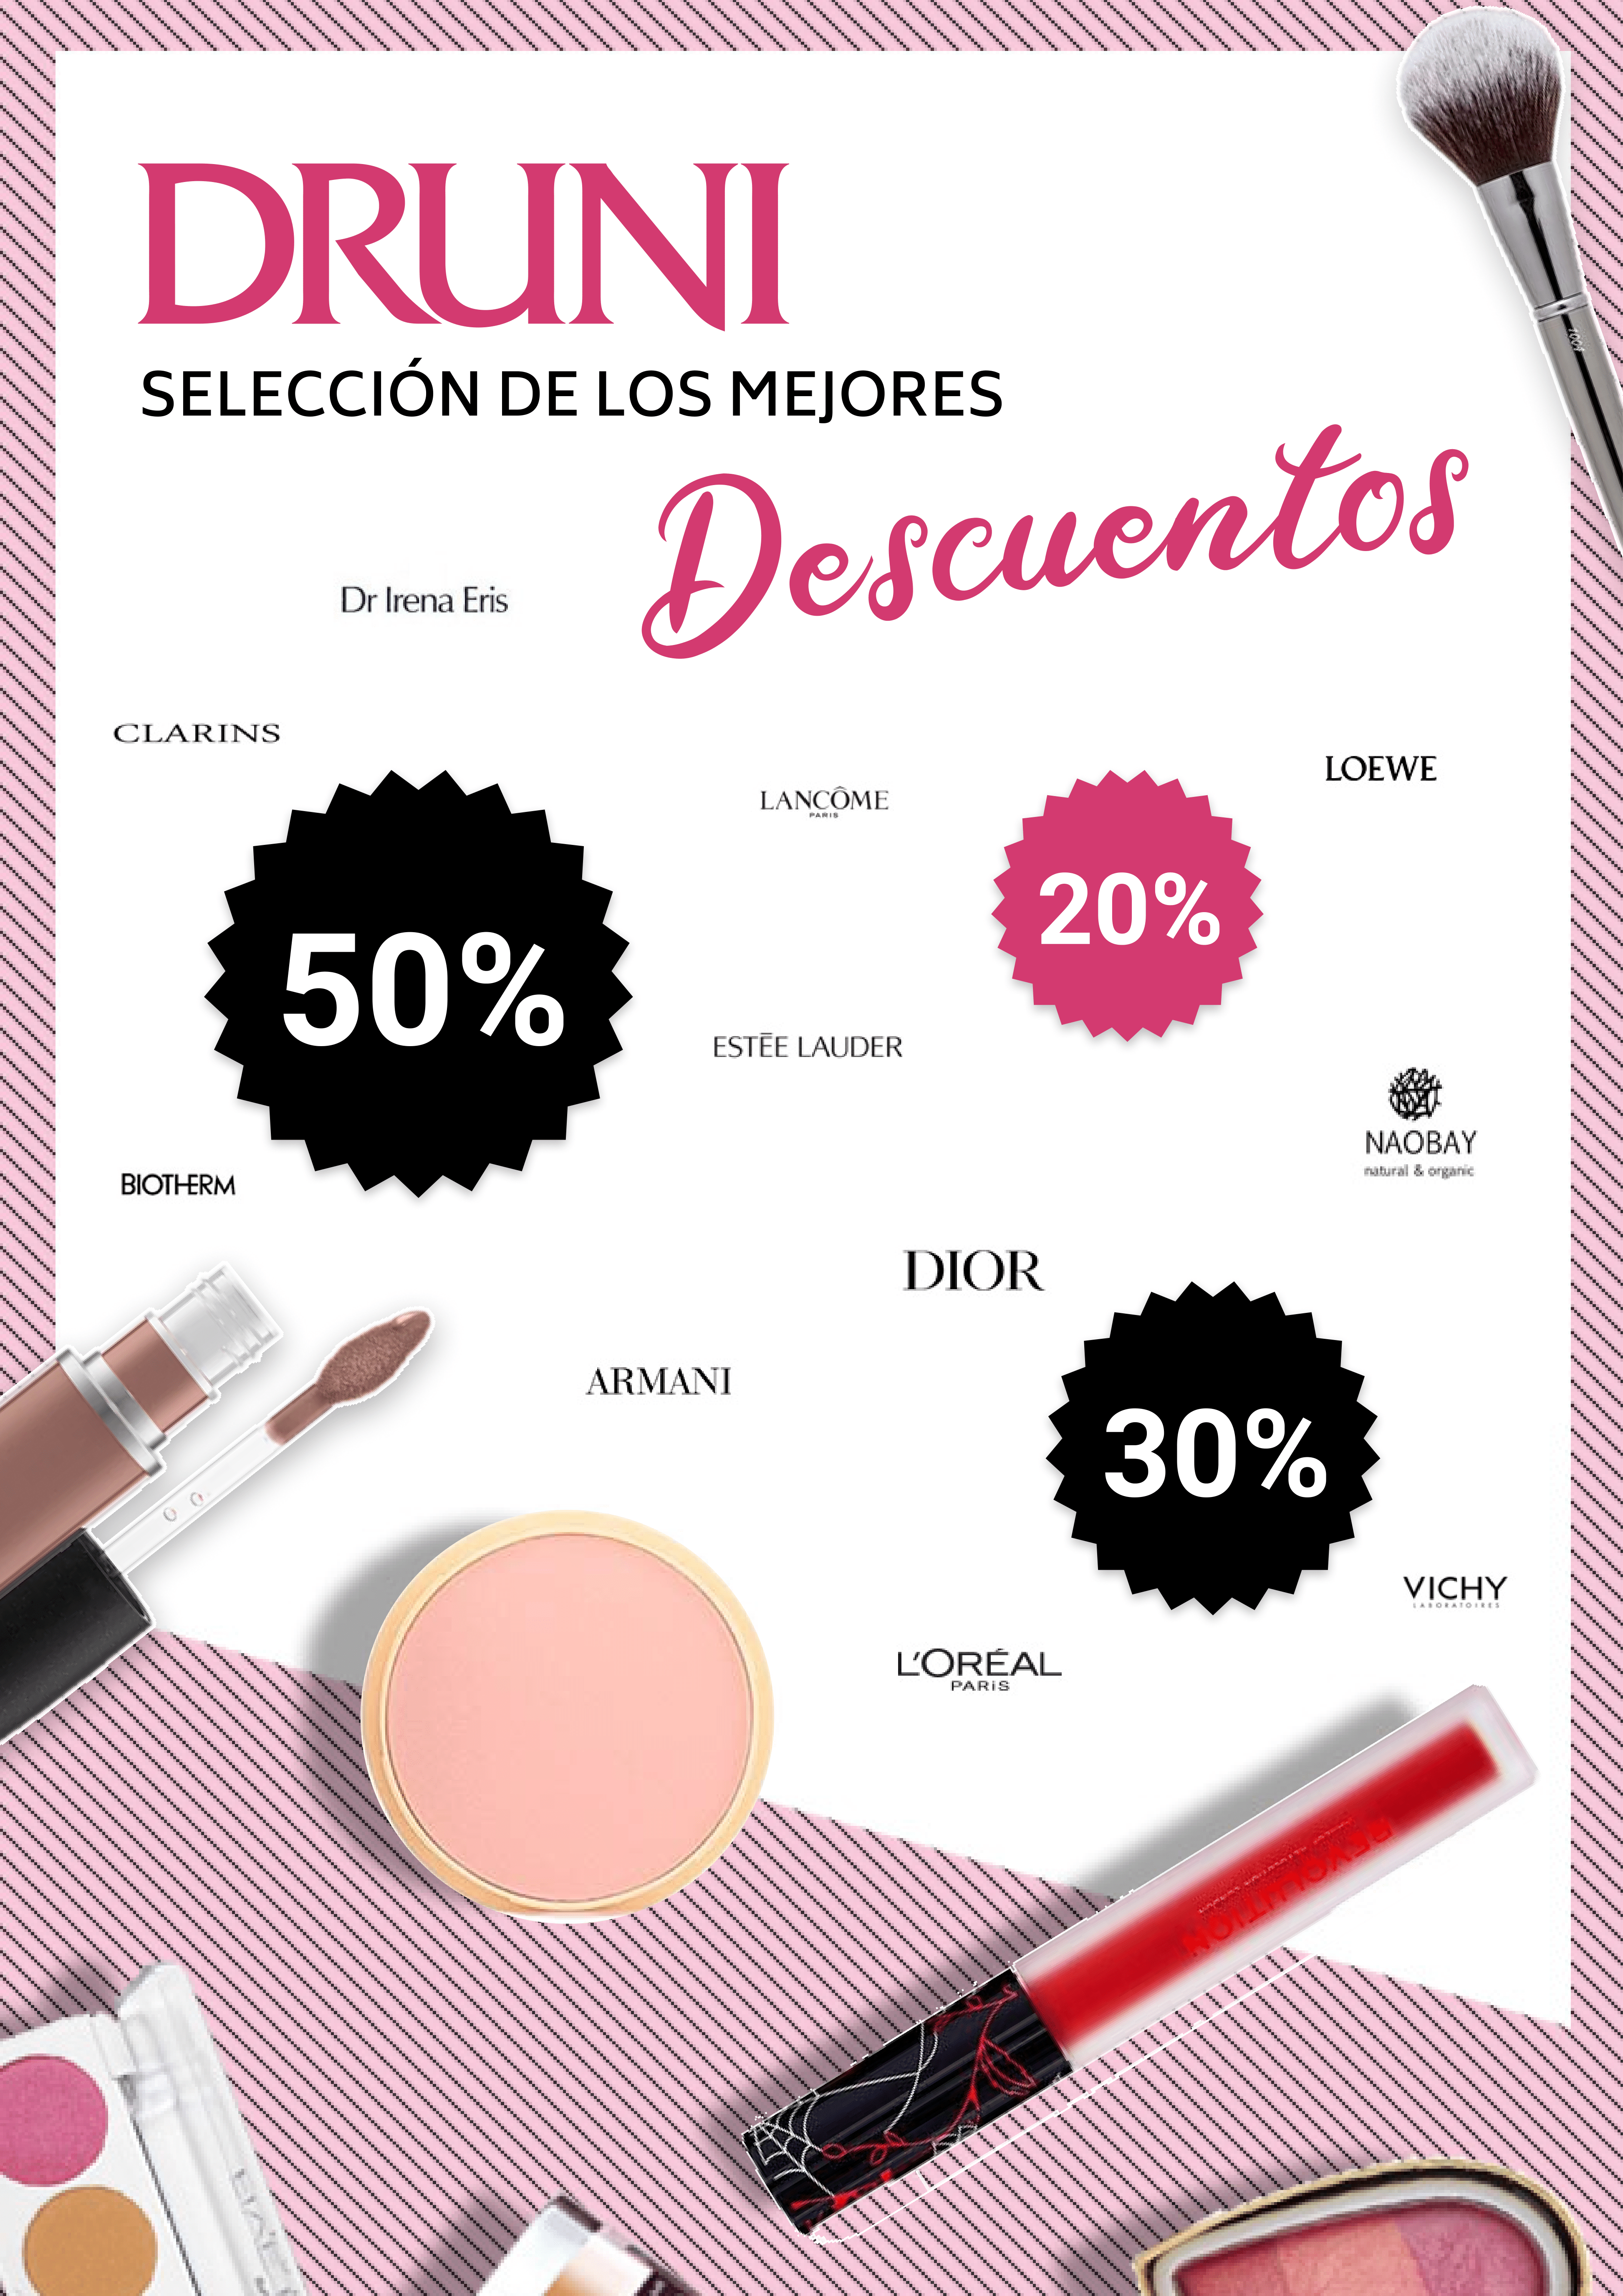 Ofertas de Perfumerías y Belleza en el catálogo de Druni en Tomares ( Publicado ayer )